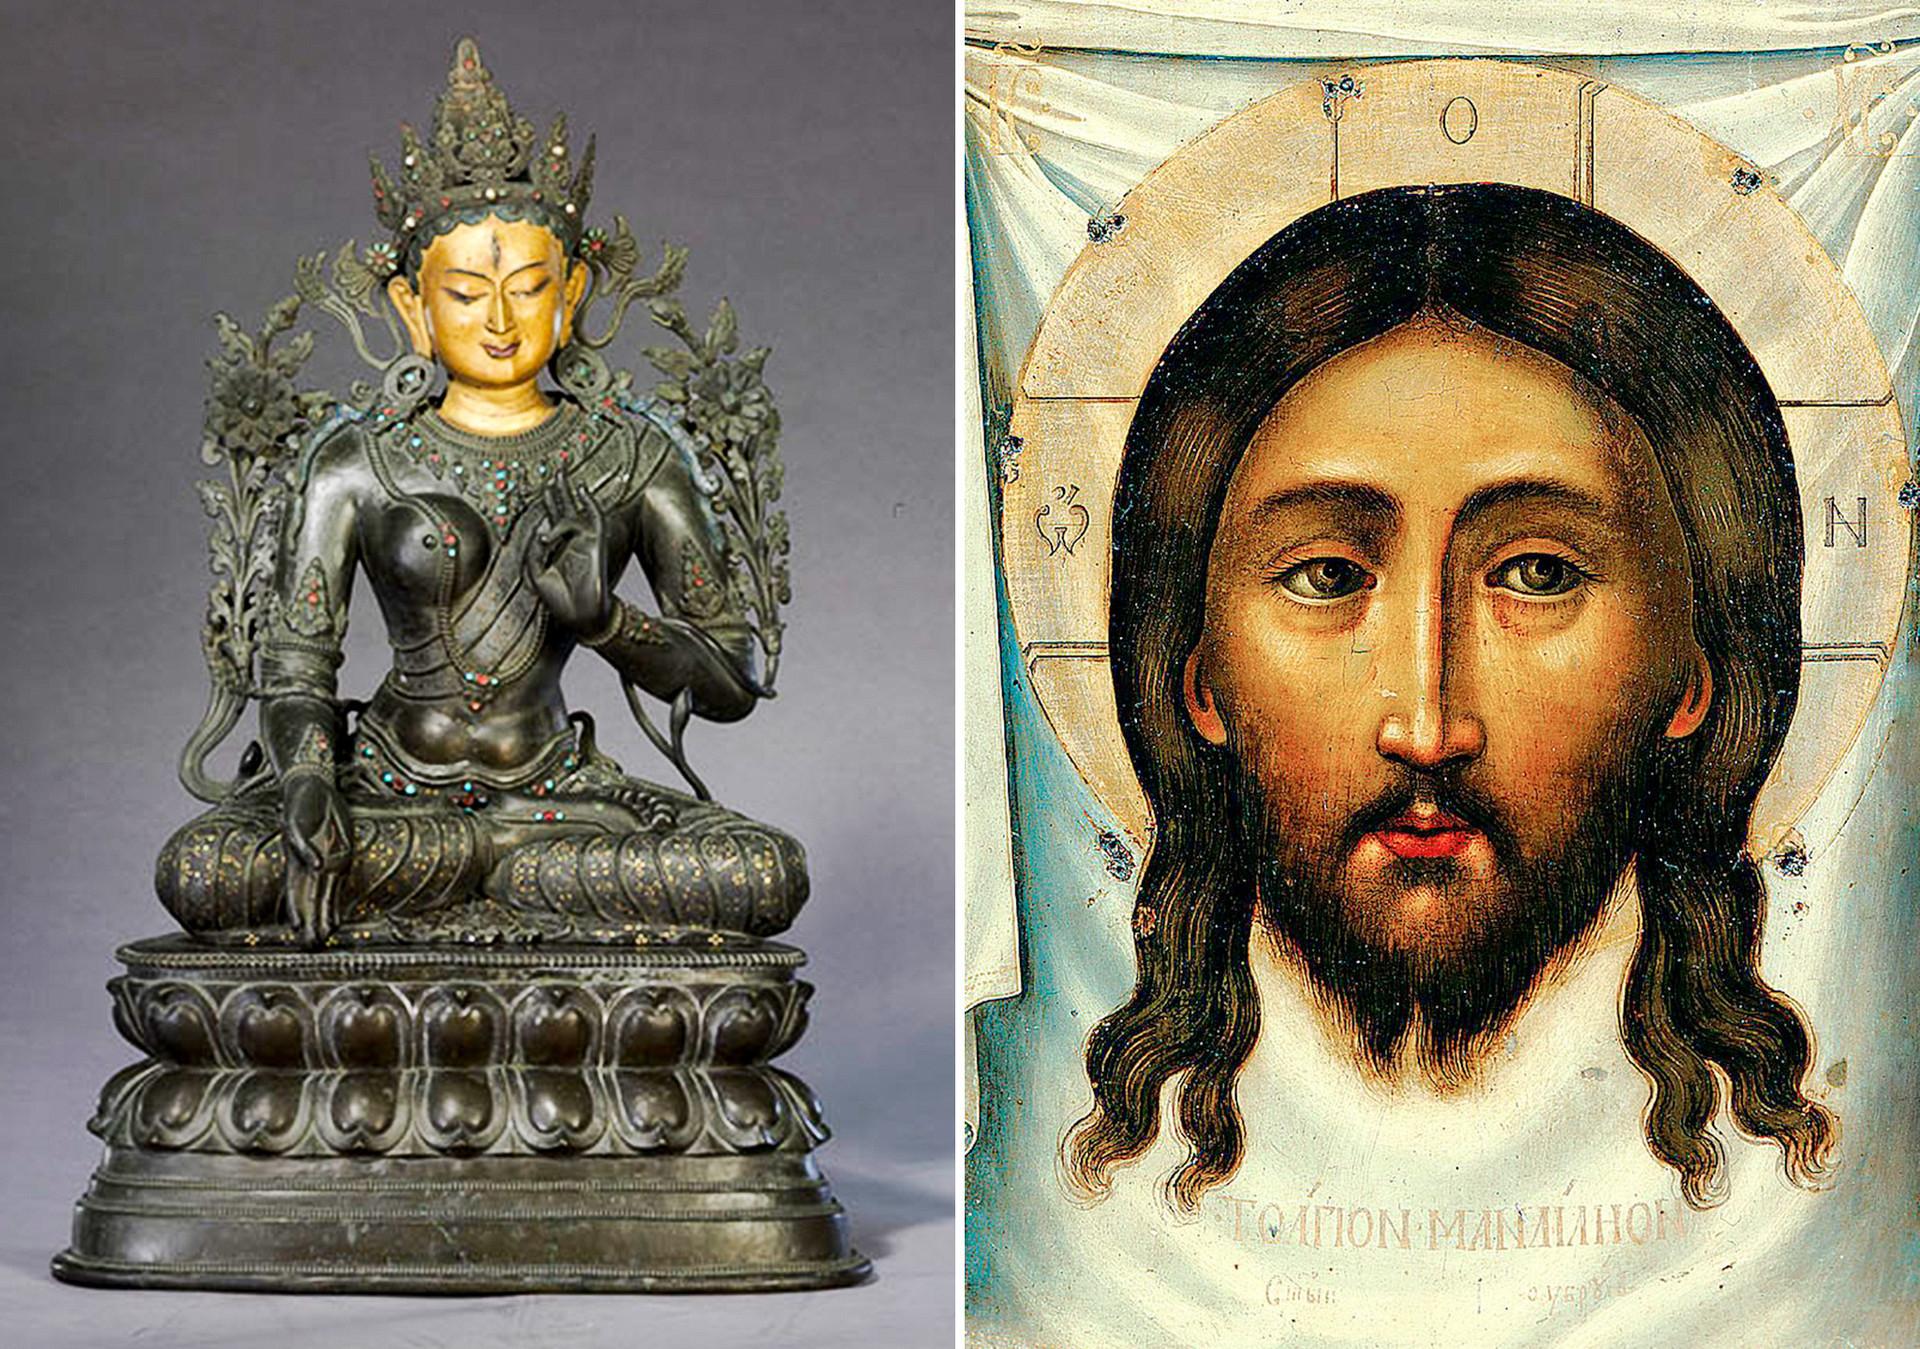 À esquerda, estátua de Tara Branca do período de Qianlong. À direita, um ícone russo de Jesus de 1677.